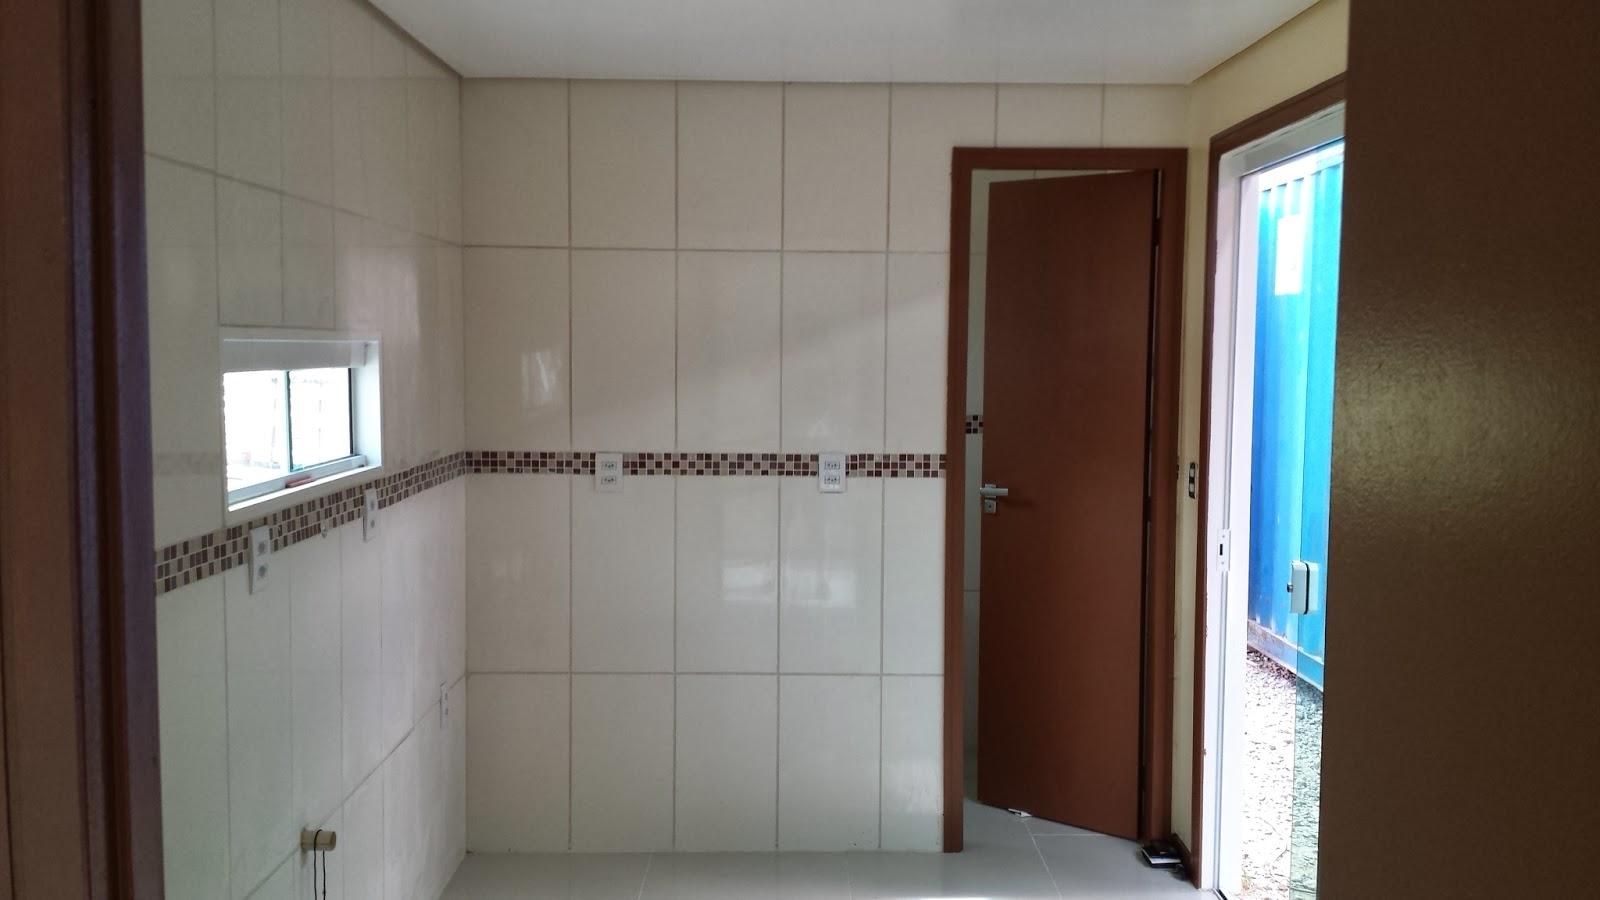 Projetos e Comércio de Containers: CASA CONTAINER SHOWROOM #049CC7 1600x900 Banheiro De Container